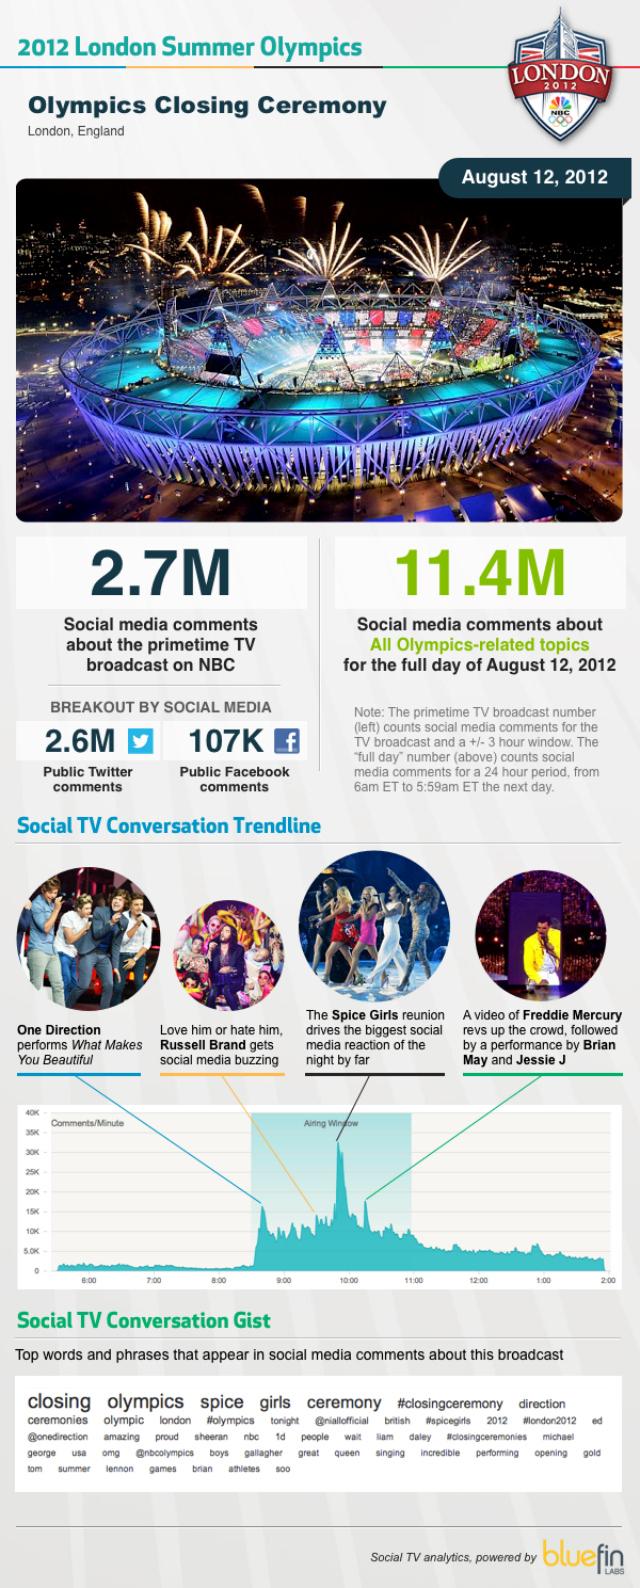 Clôture des JO 2012 - Les grands moments sur les réseaux sociaux (en 1 image)